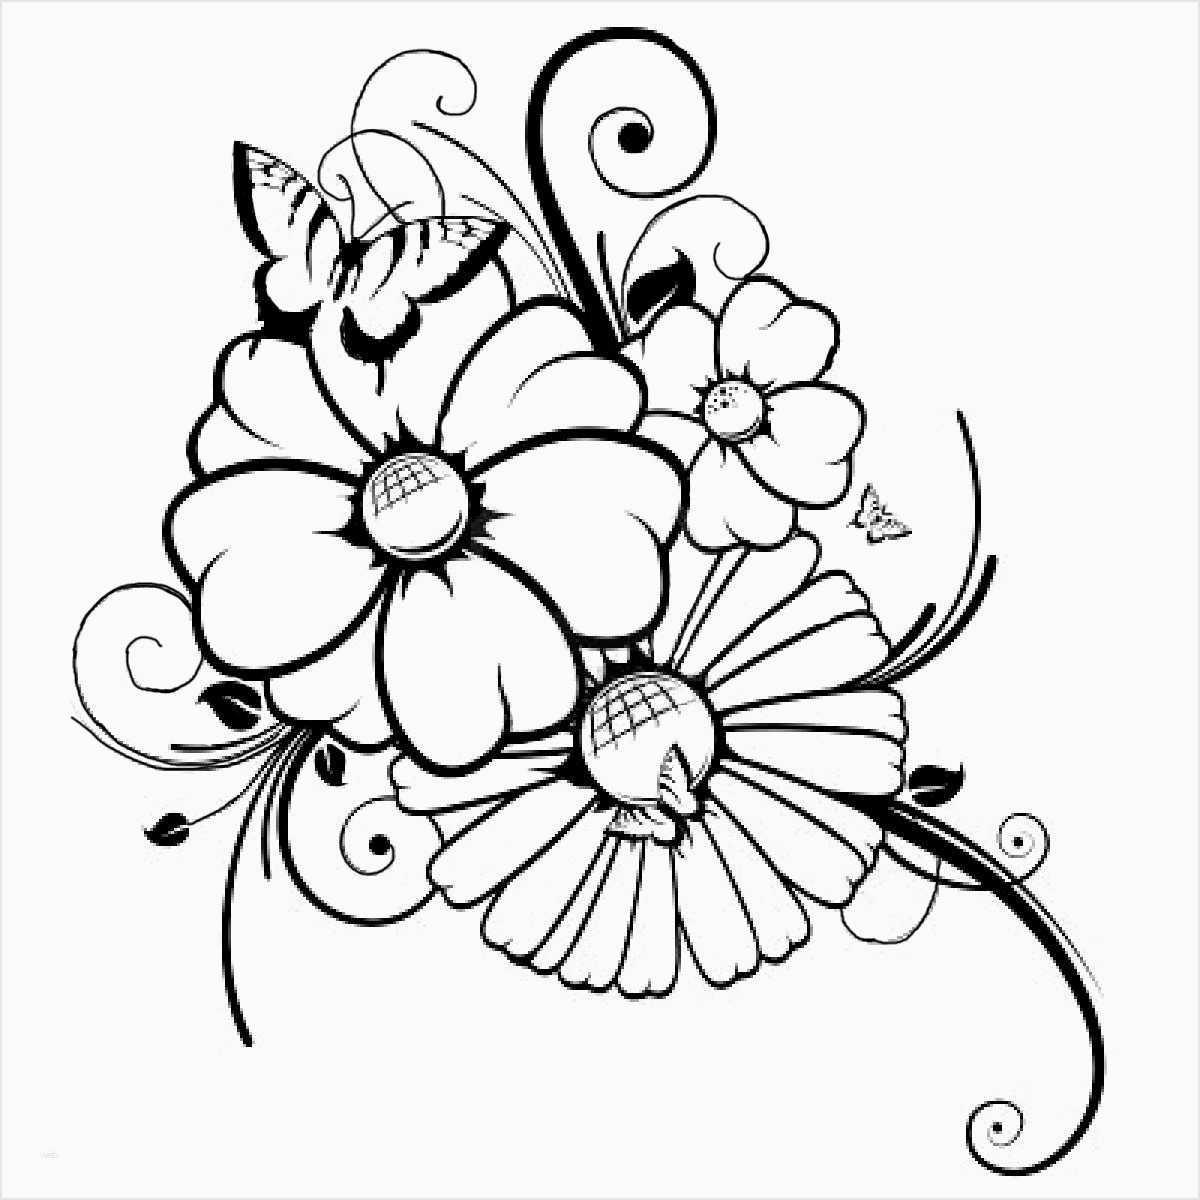 Blumen Vorlagen Zum Ausdrucken Kostenlos - Malvorlagen Für verwandt mit Blumen Malvorlagen Kostenlos